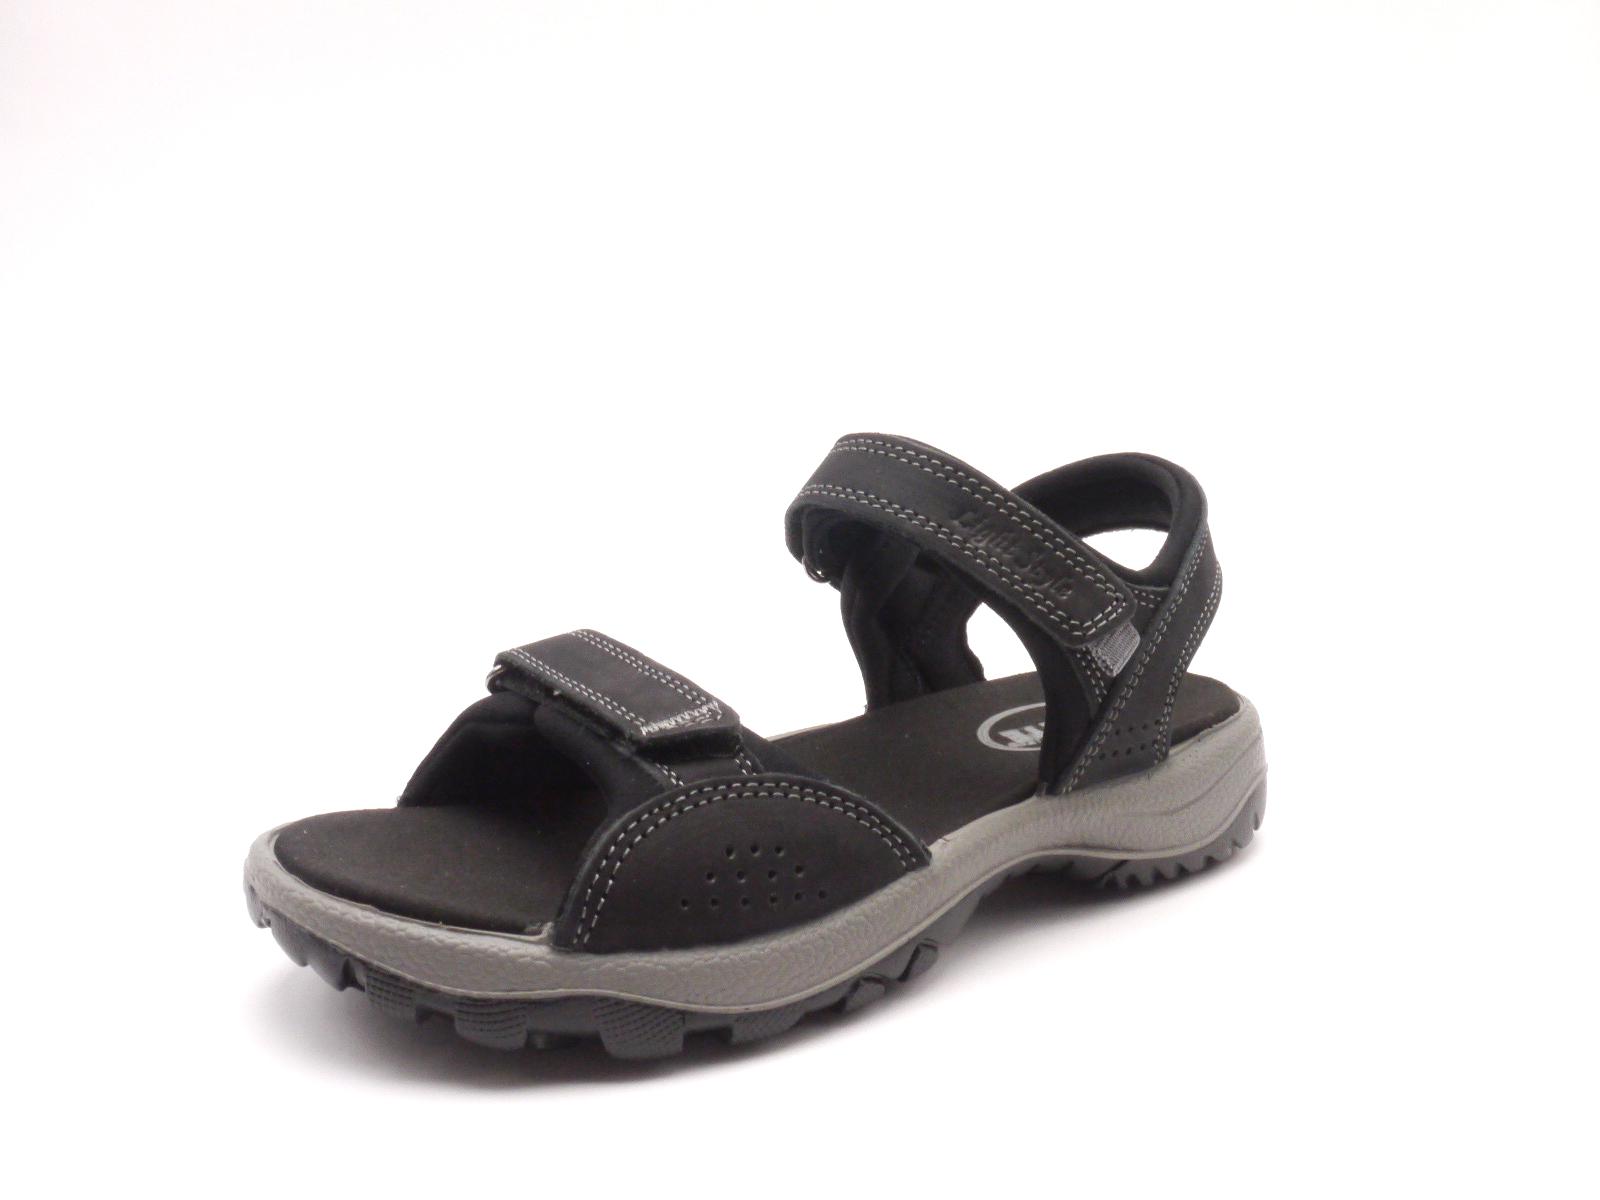 Sante Dámské sandály 53210 Velikost: 41